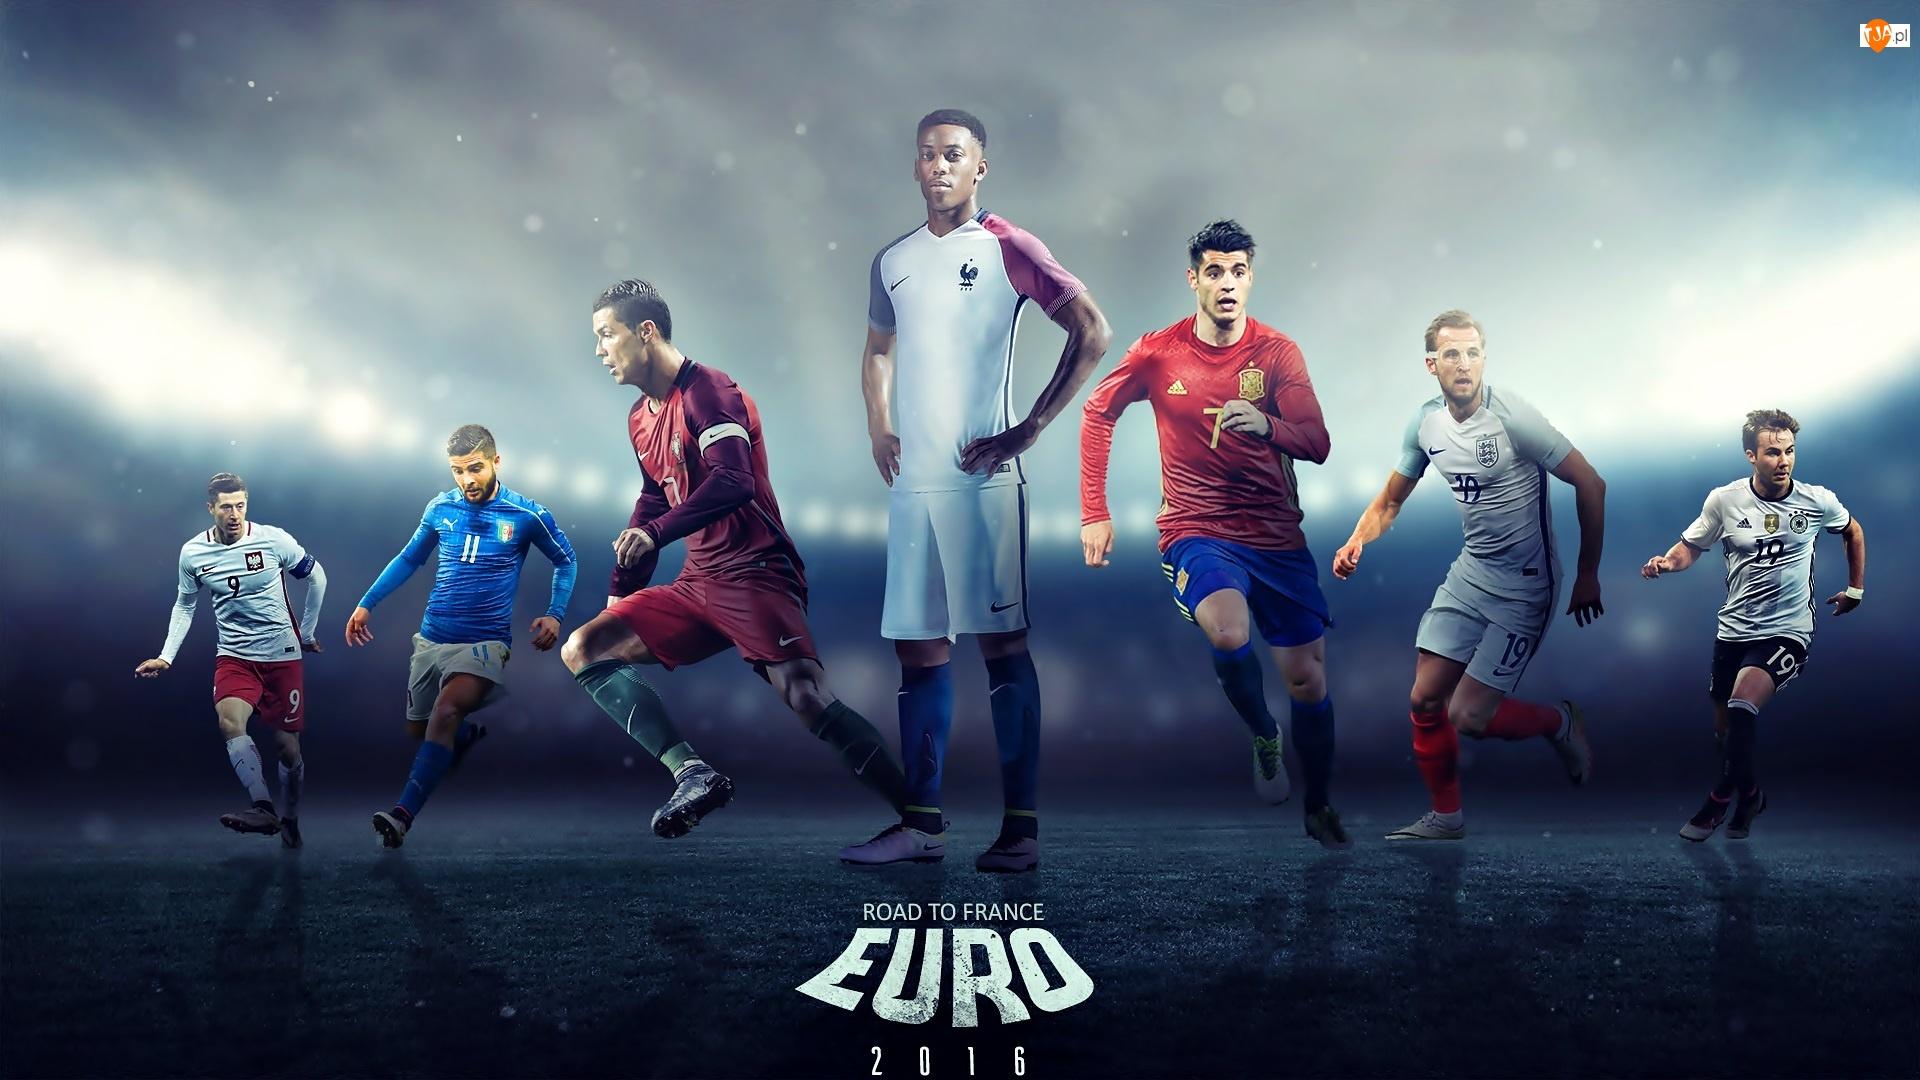 Euro 2016, Piłkarze